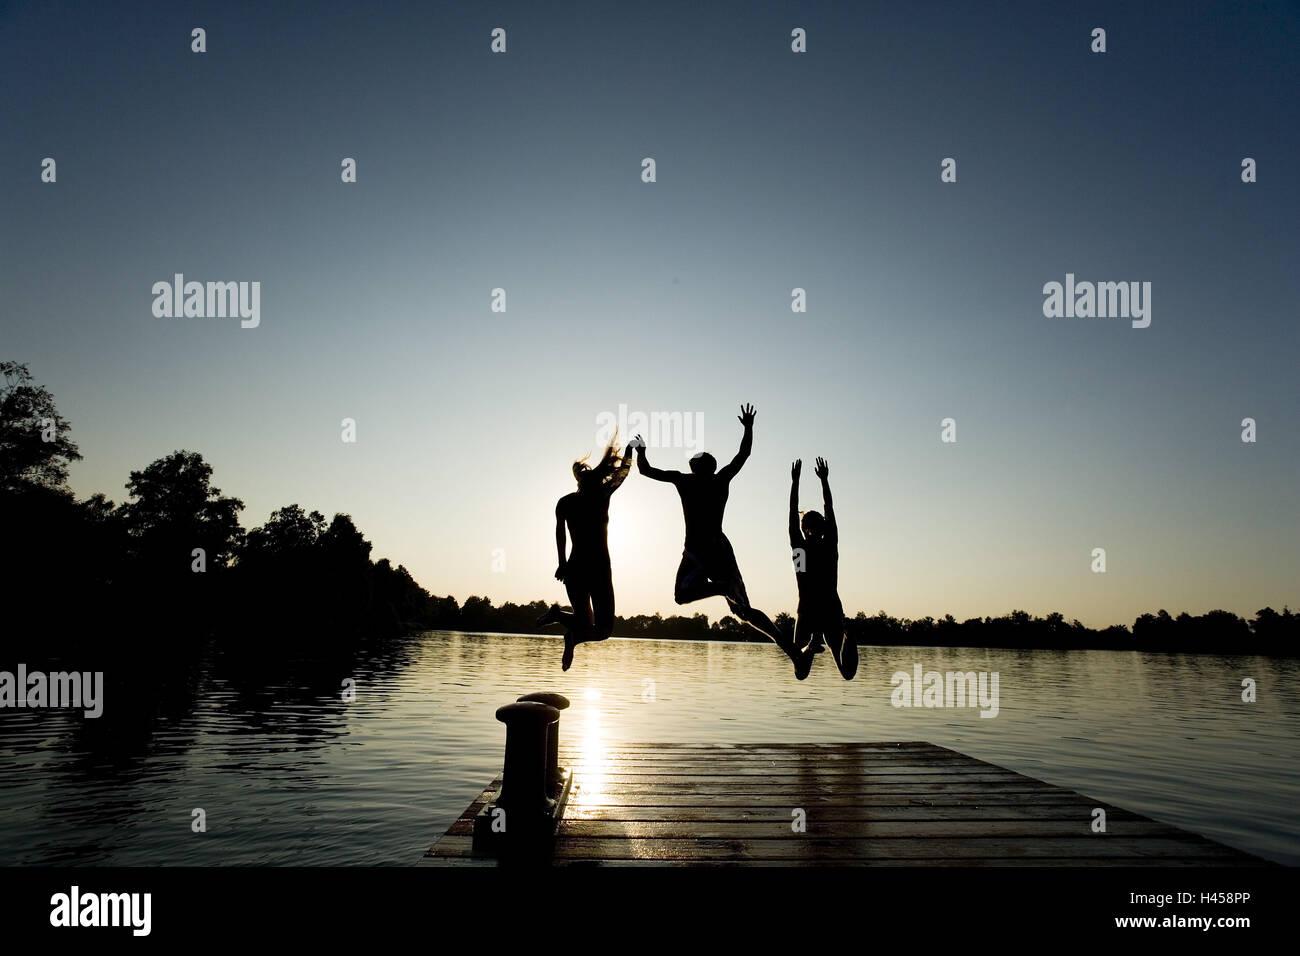 Vasca da bagno mare bridge silhouette bambini jump acqua